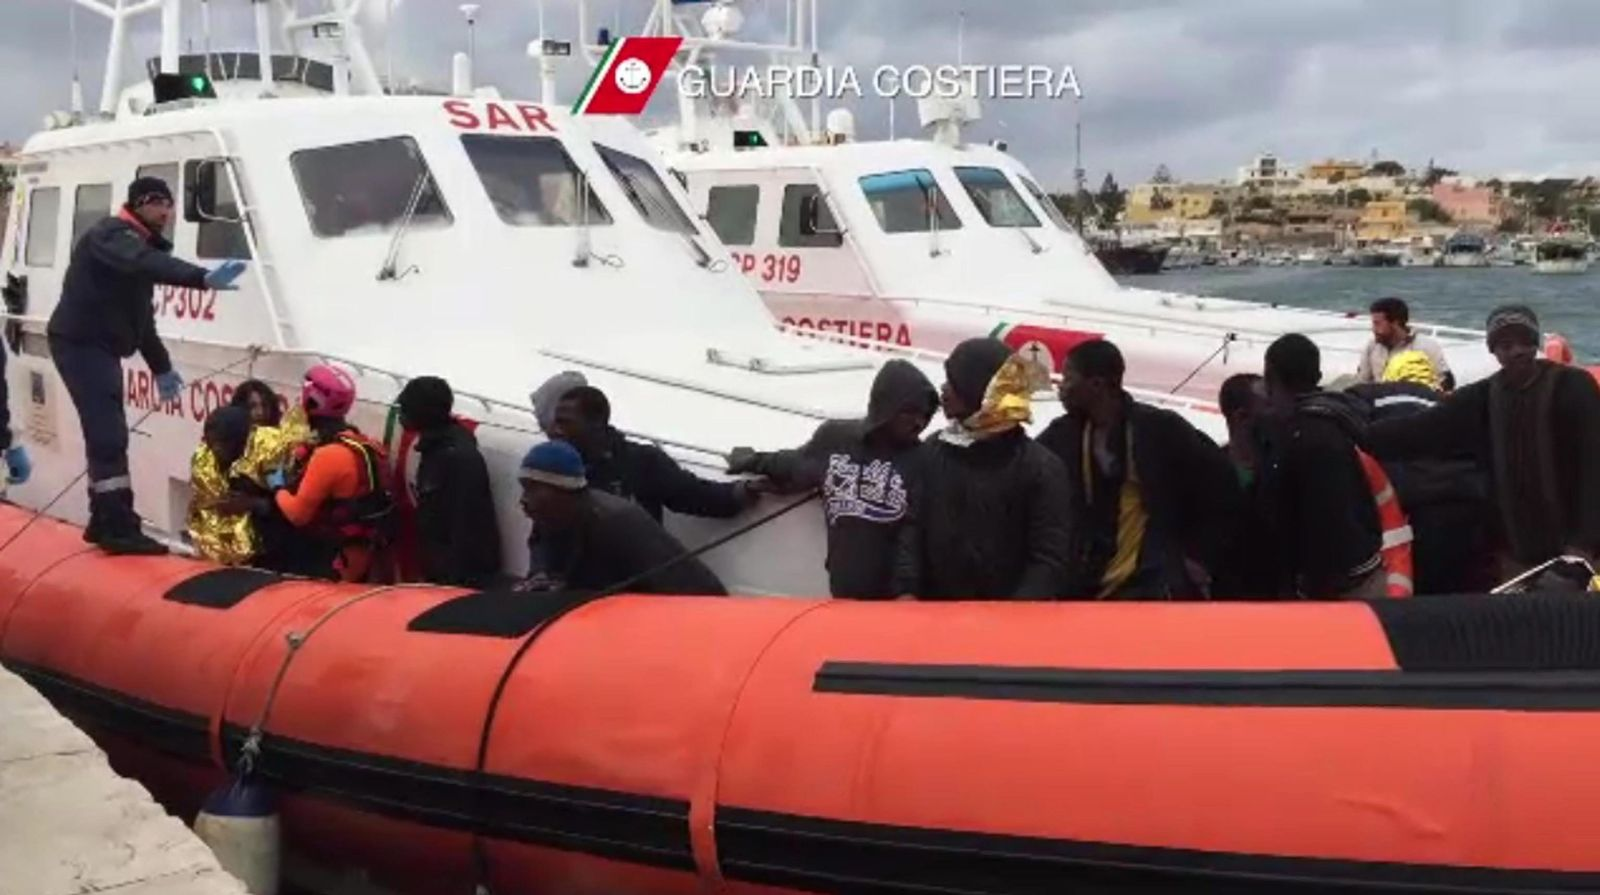 Lampedusa/ Flüchtlinge